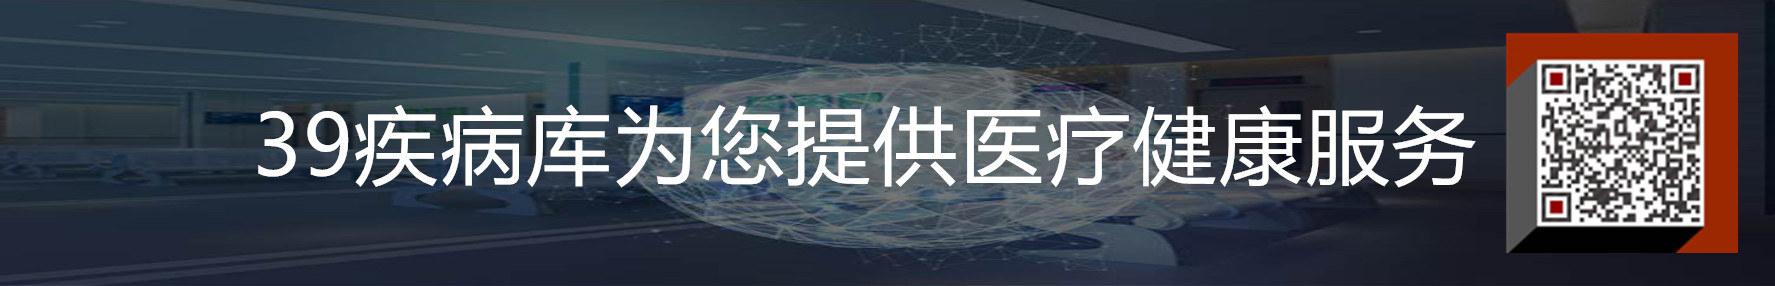 南京精神平安彩票开奖直播网医院